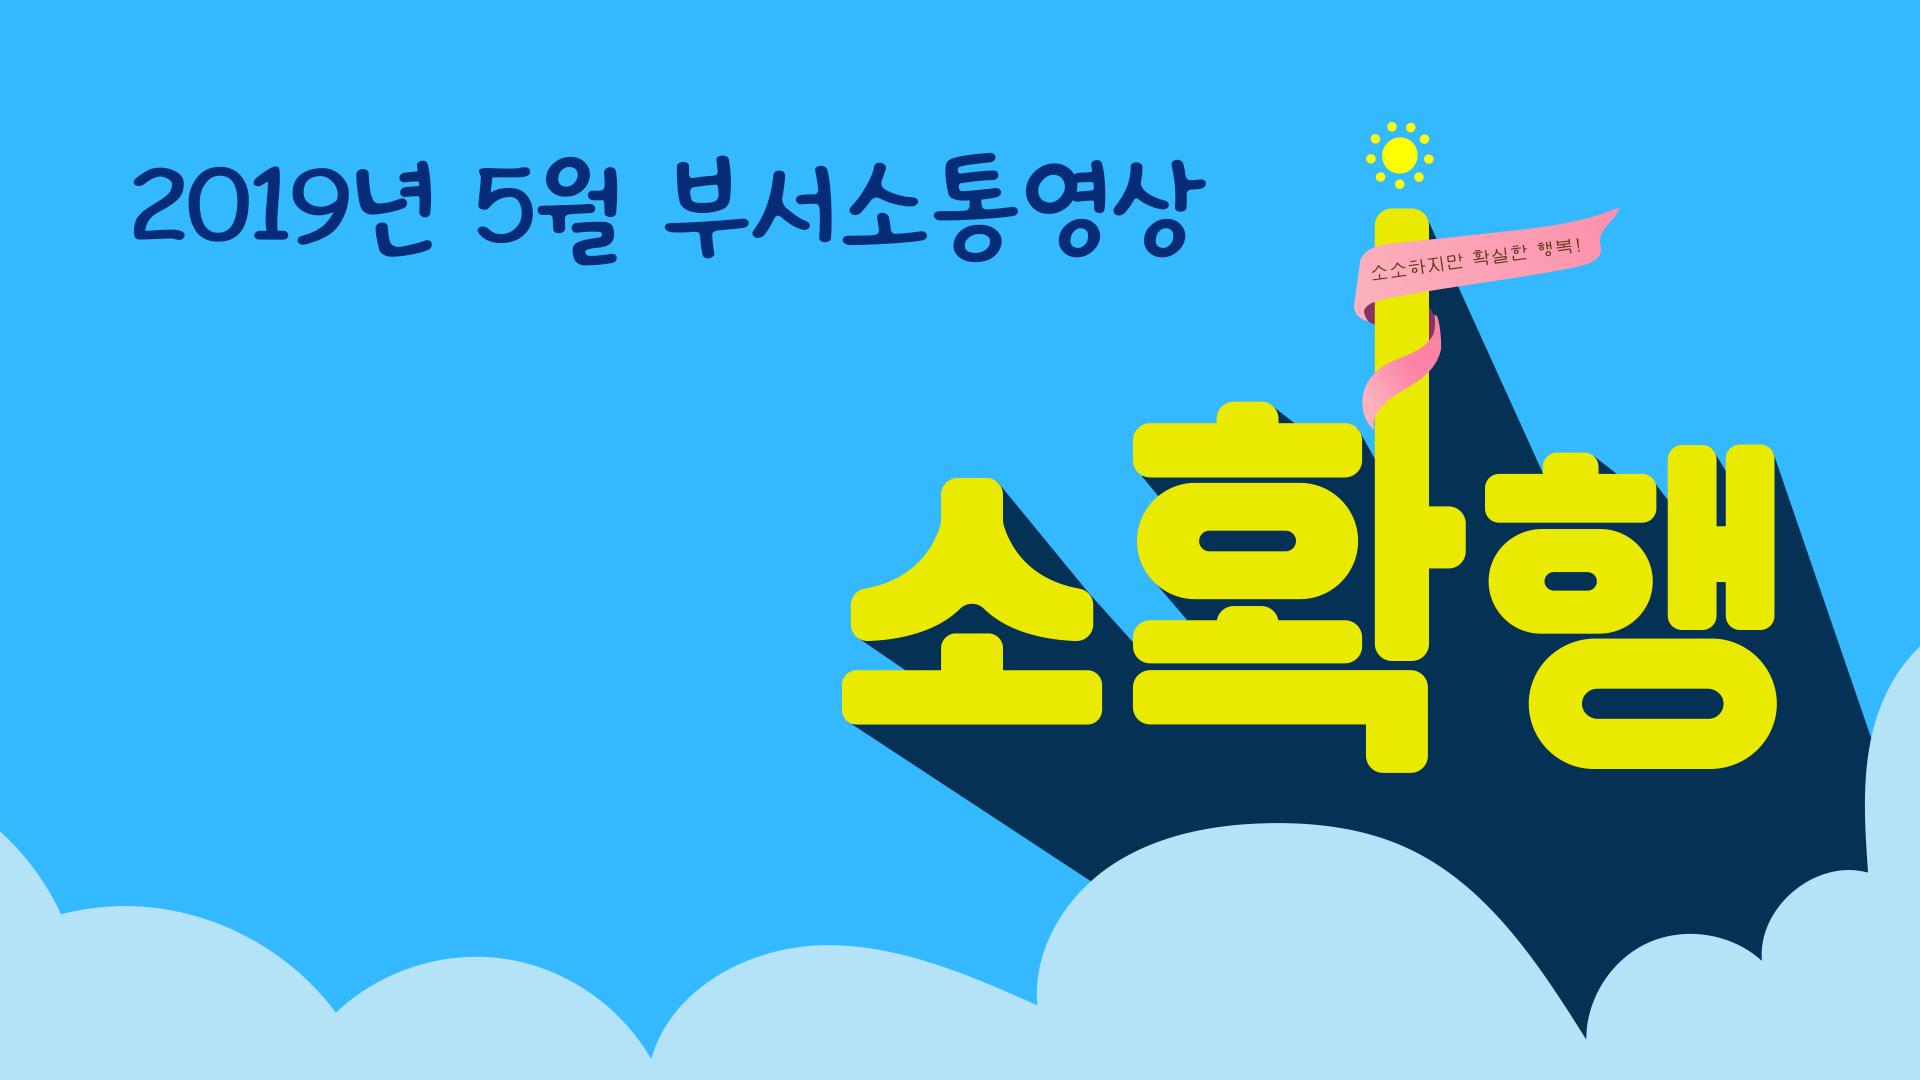 <2019년 5월 시정소통영상> 세종시 소확행편